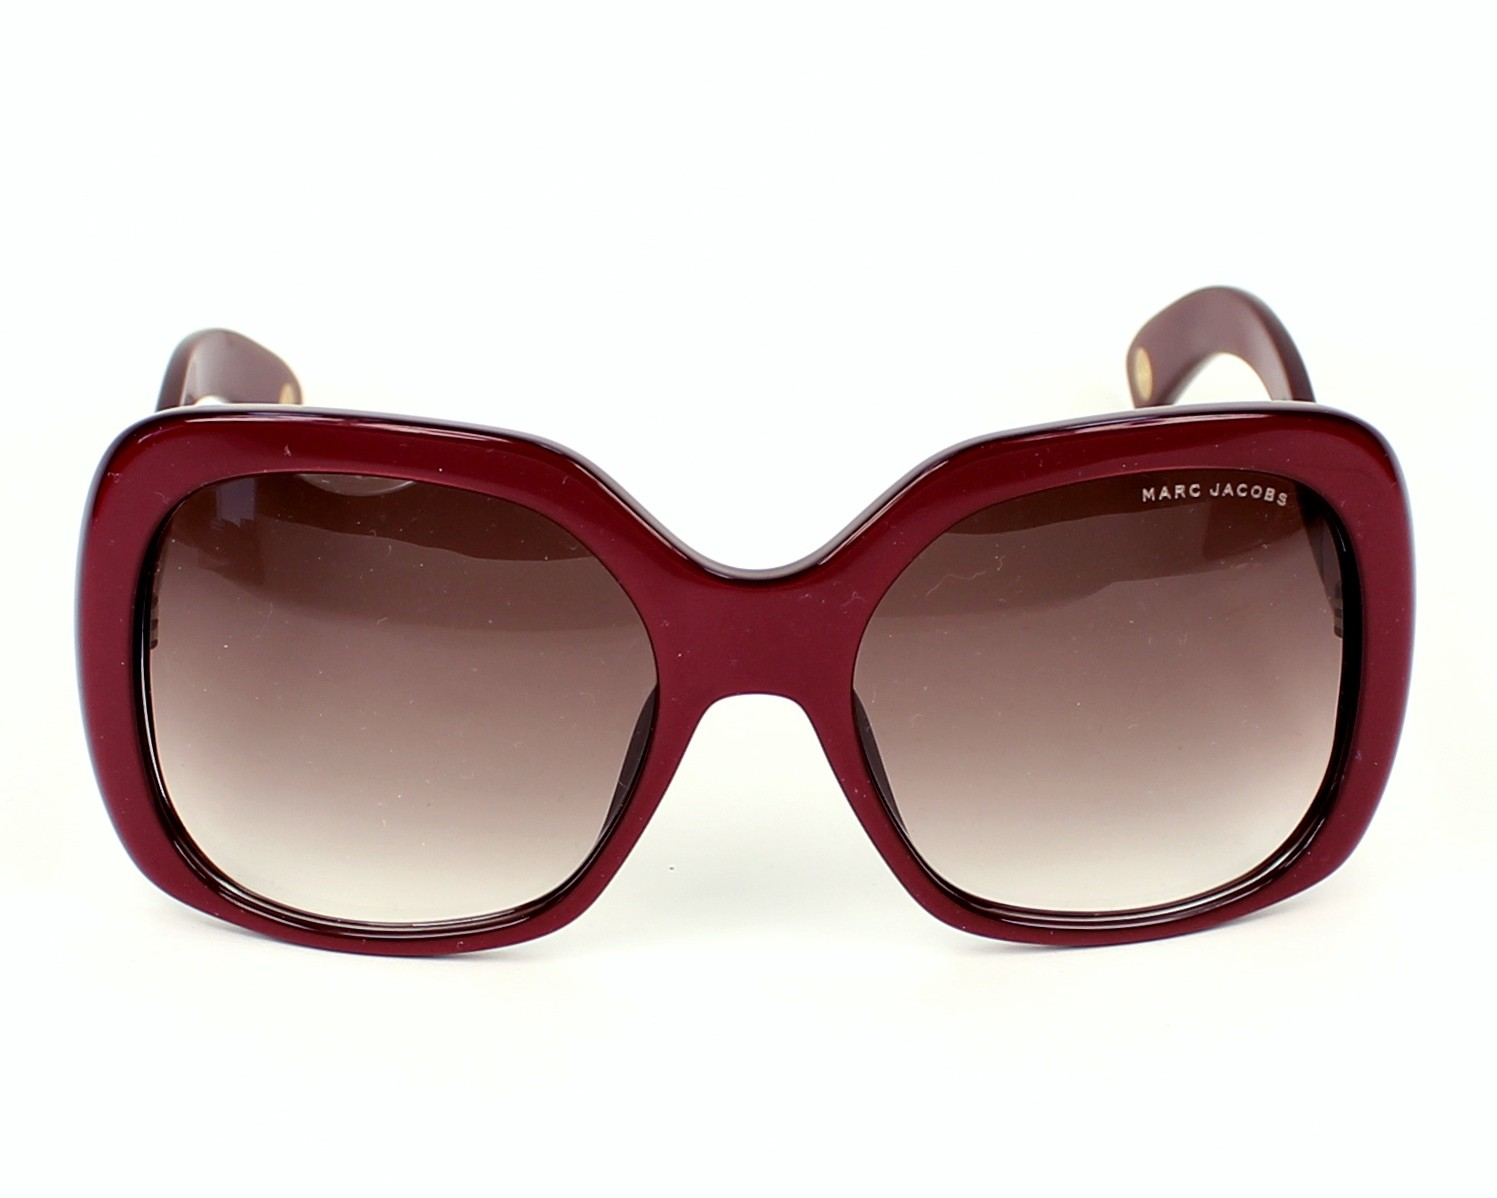 lunettes de soleil marc jacobs mj 428 s ybh fm bordeaux pas cher visionet. Black Bedroom Furniture Sets. Home Design Ideas